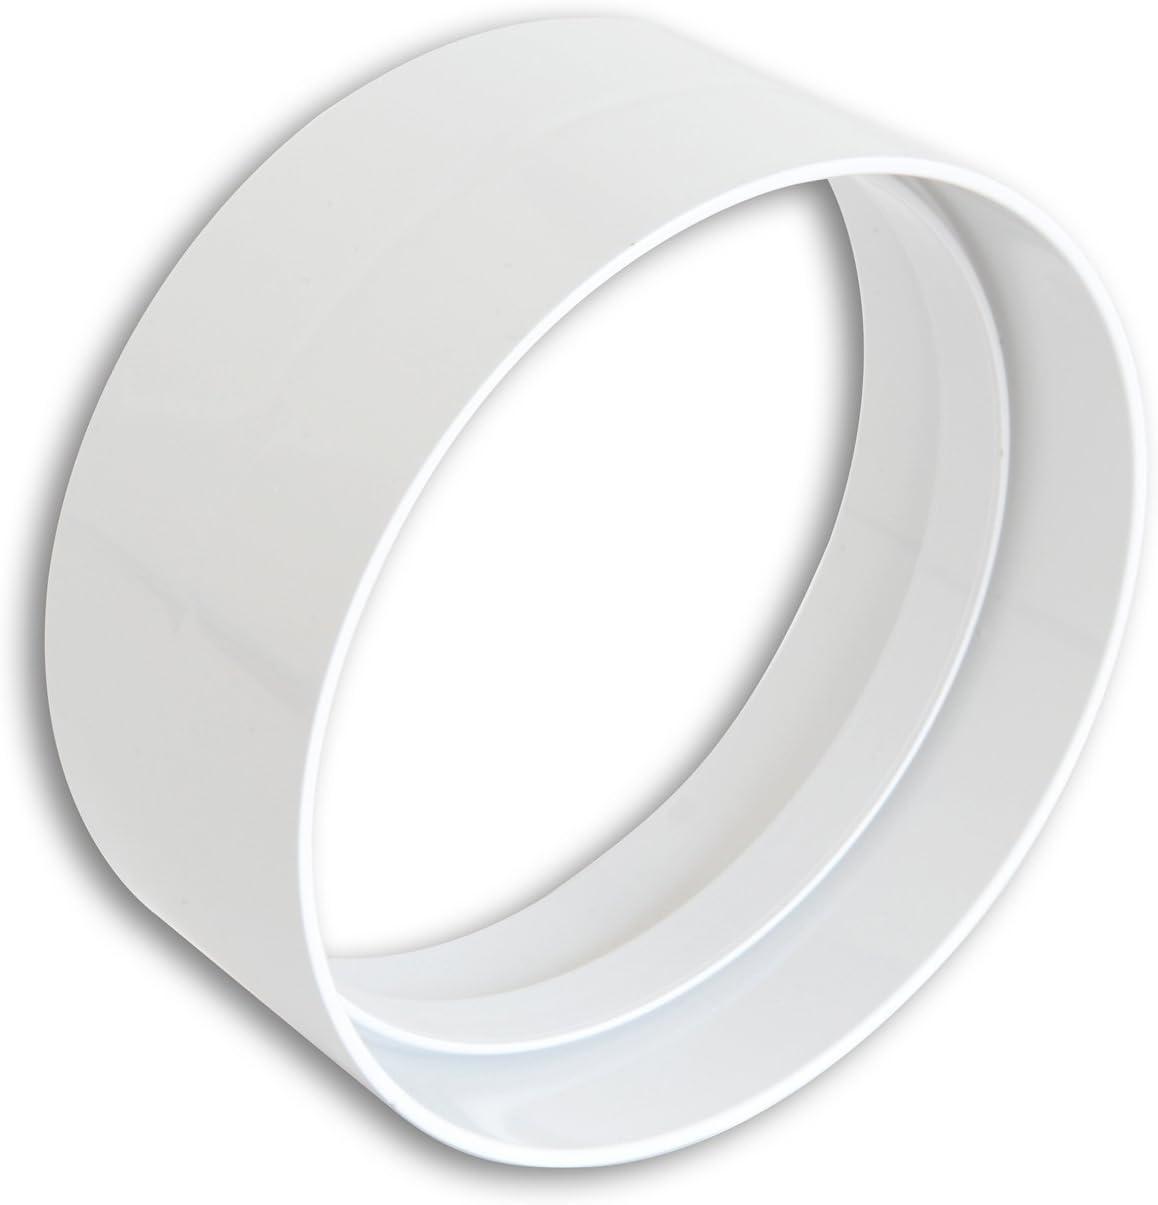 Junta diámetro 125 mm para ventilación canalizzata Campana Cocina Apto para tubos de ventilación de tipo redondo de PVC color blanco: Amazon.es: Bricolaje y herramientas